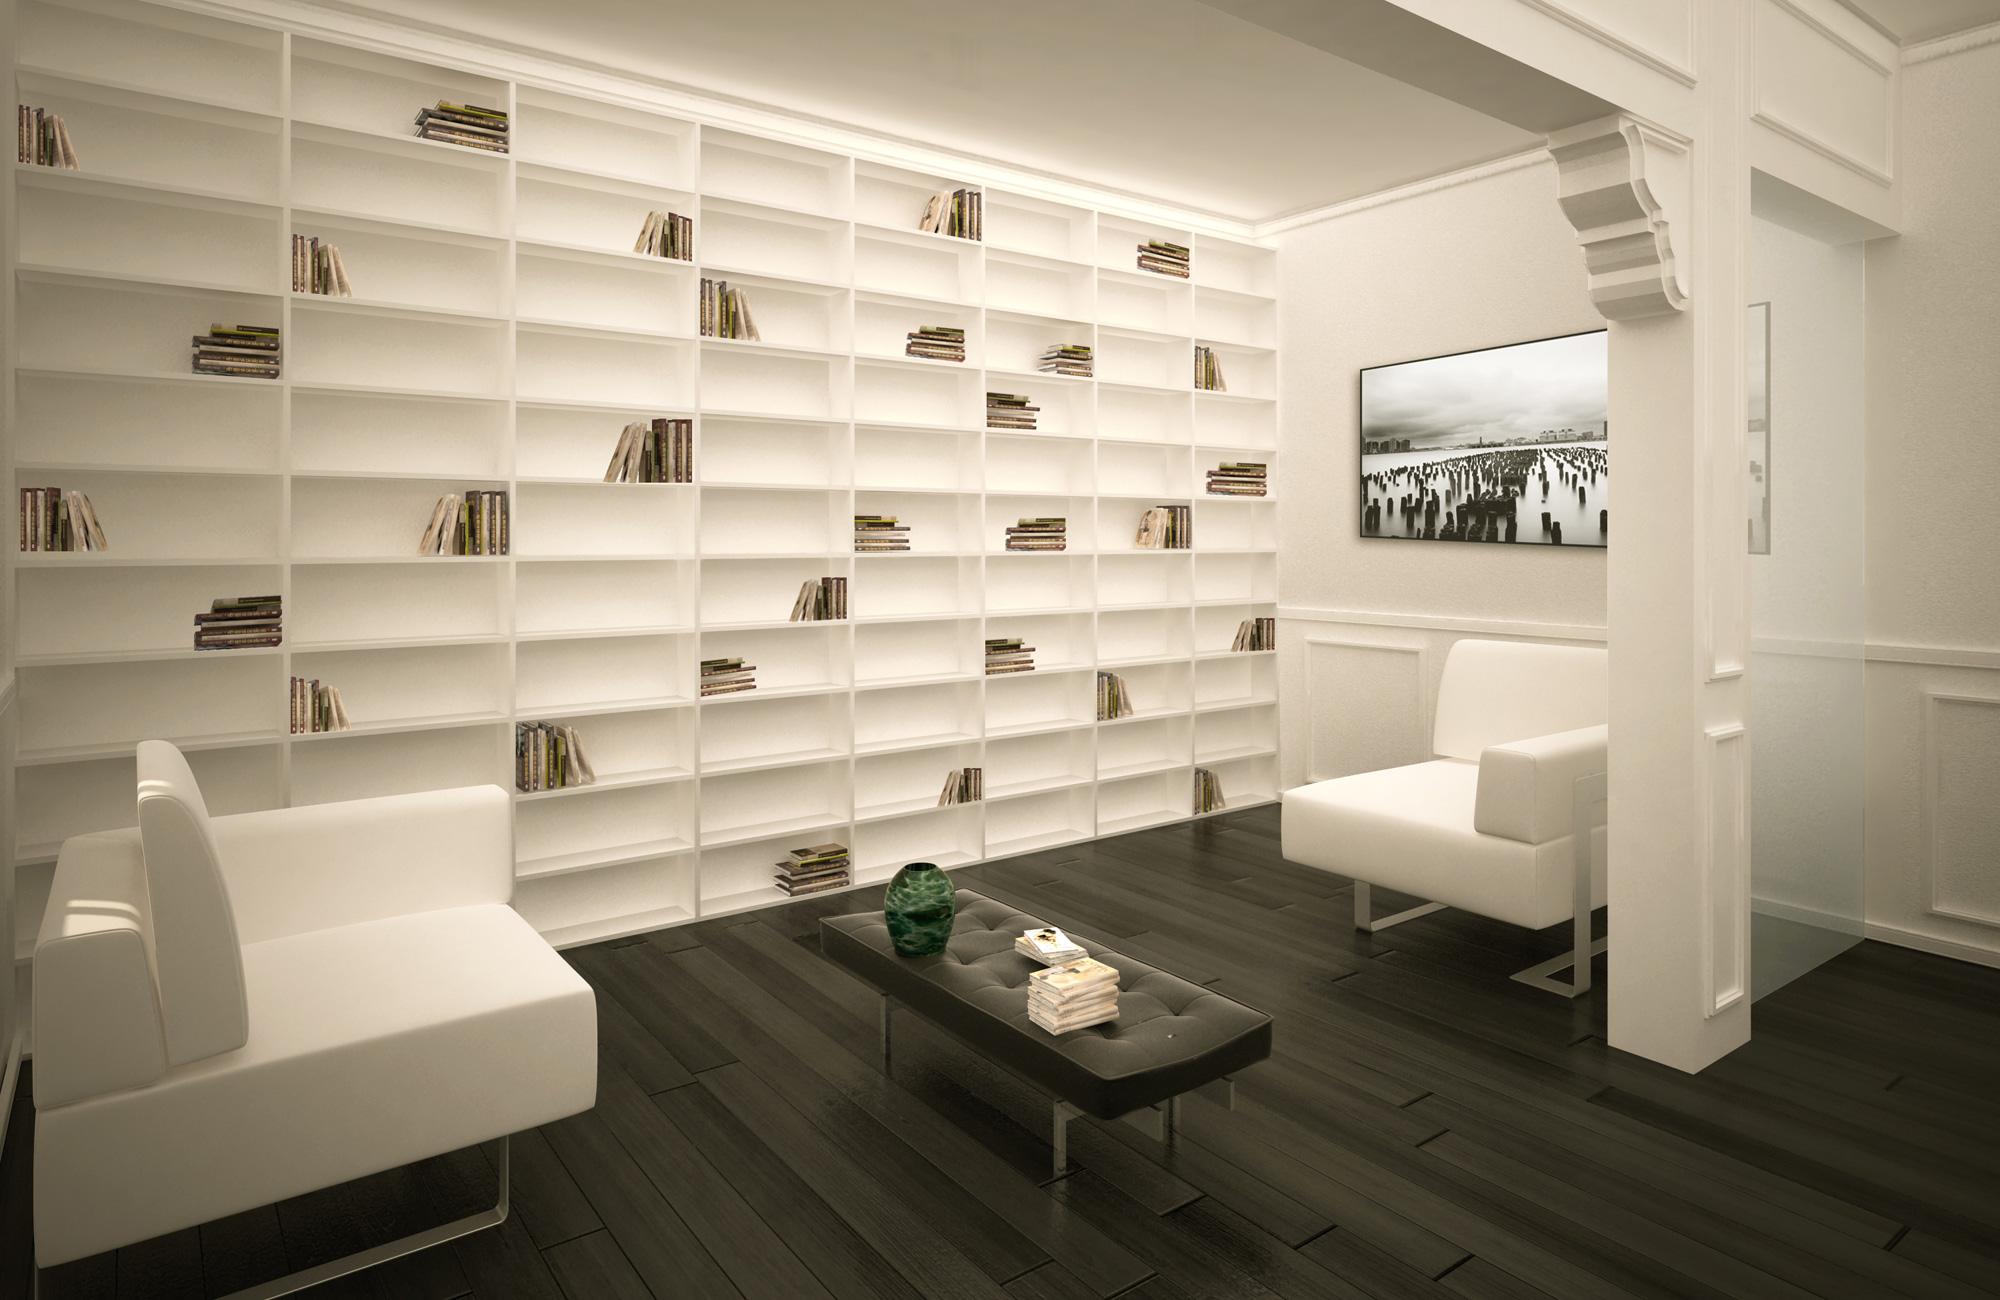 Acheo design ristrutturazione e arredamento d 39 interni a for Arredamento design torino